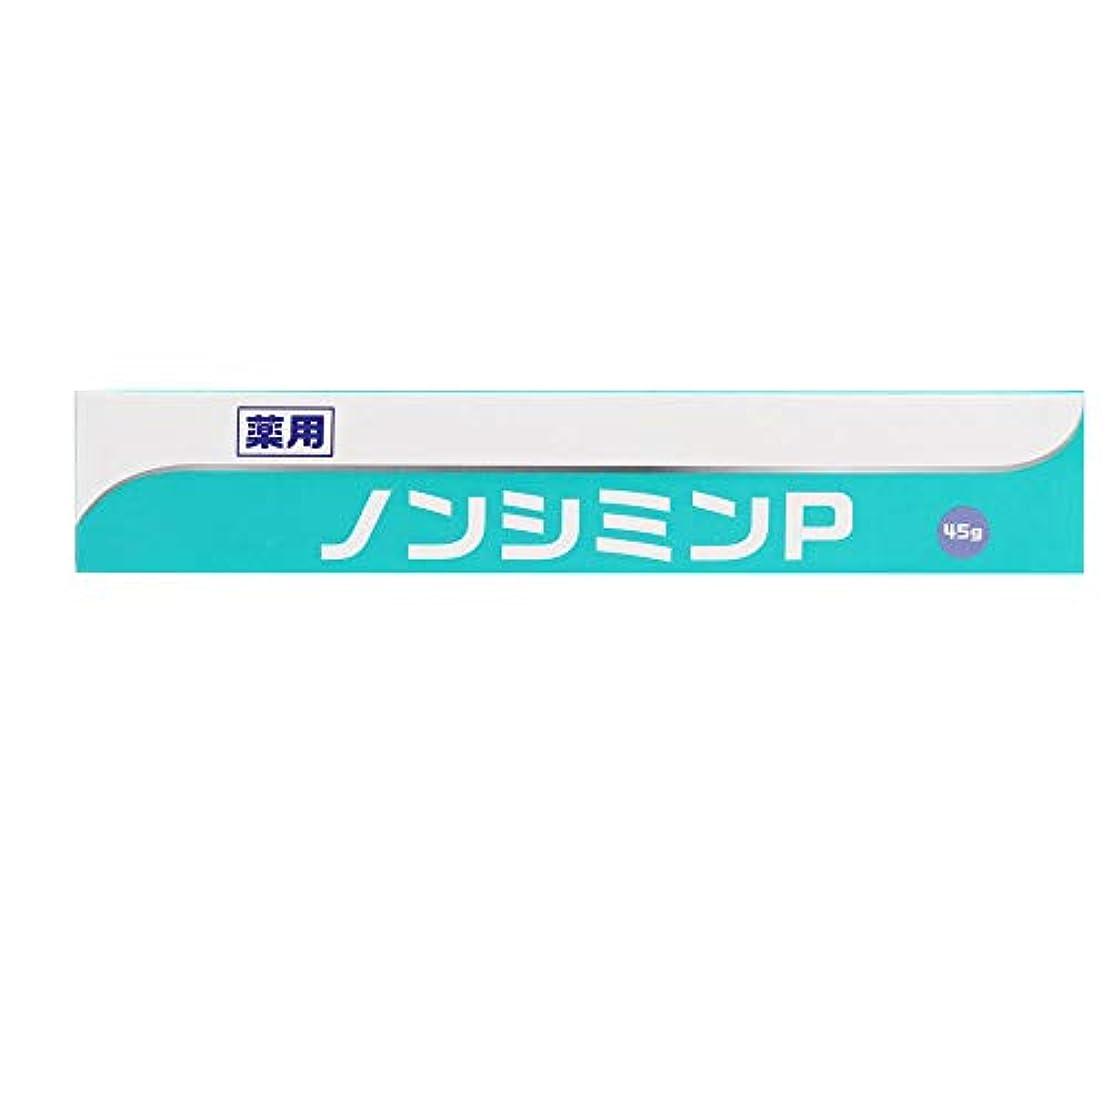 ネズミクリエイティブリンス薬用ノンシミンP 45g ジェルタイプ 医薬部外品